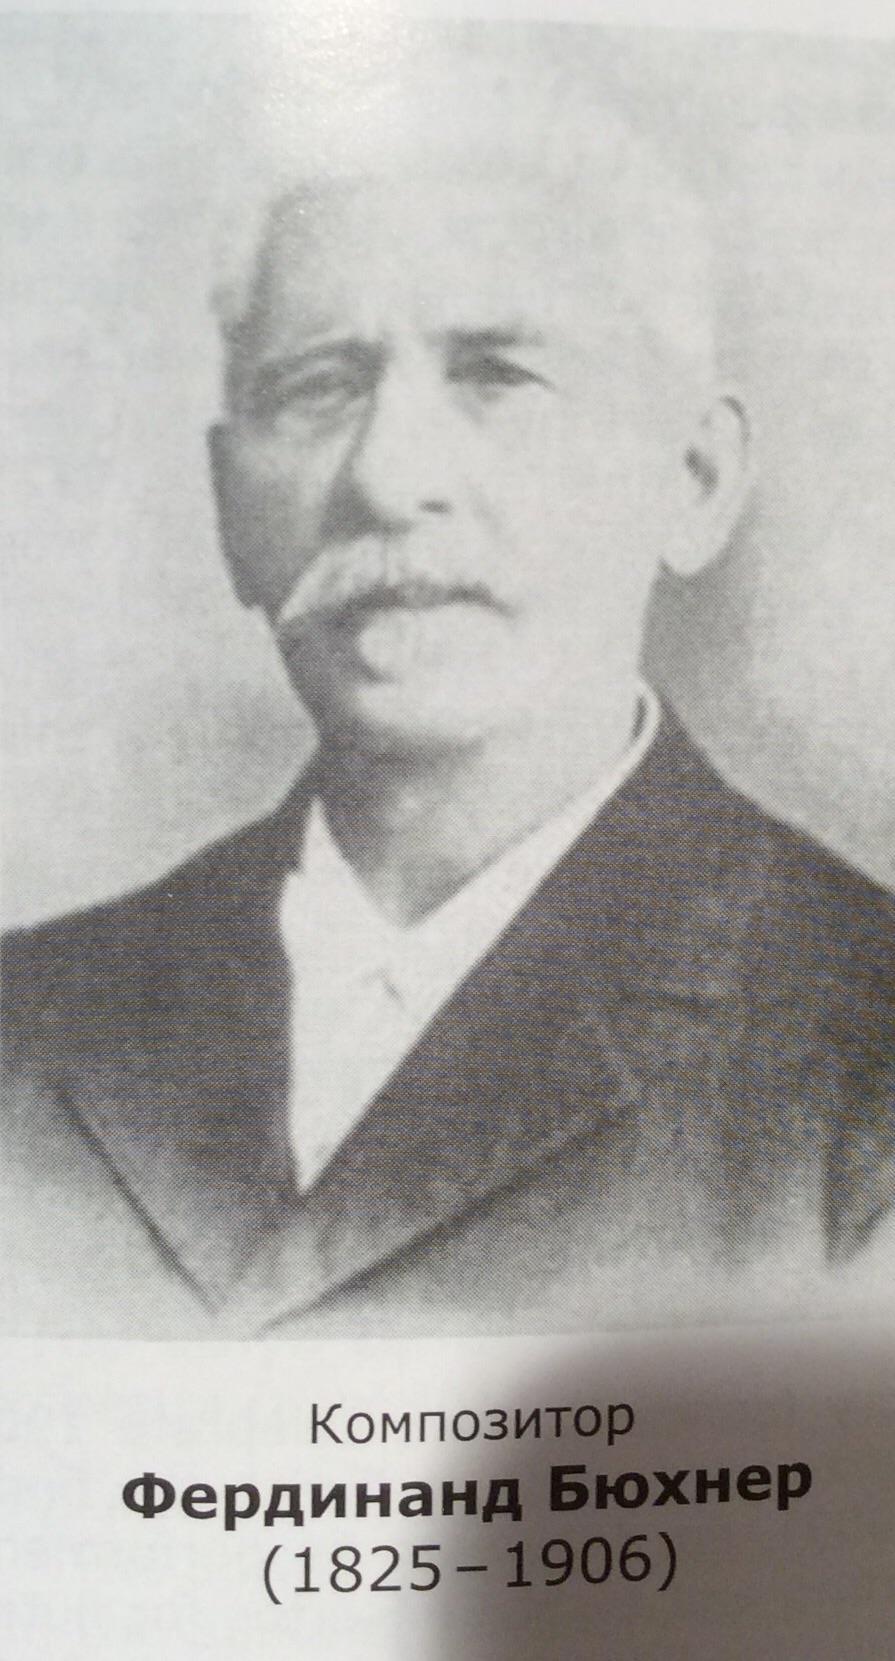 Ferdinand Buchner